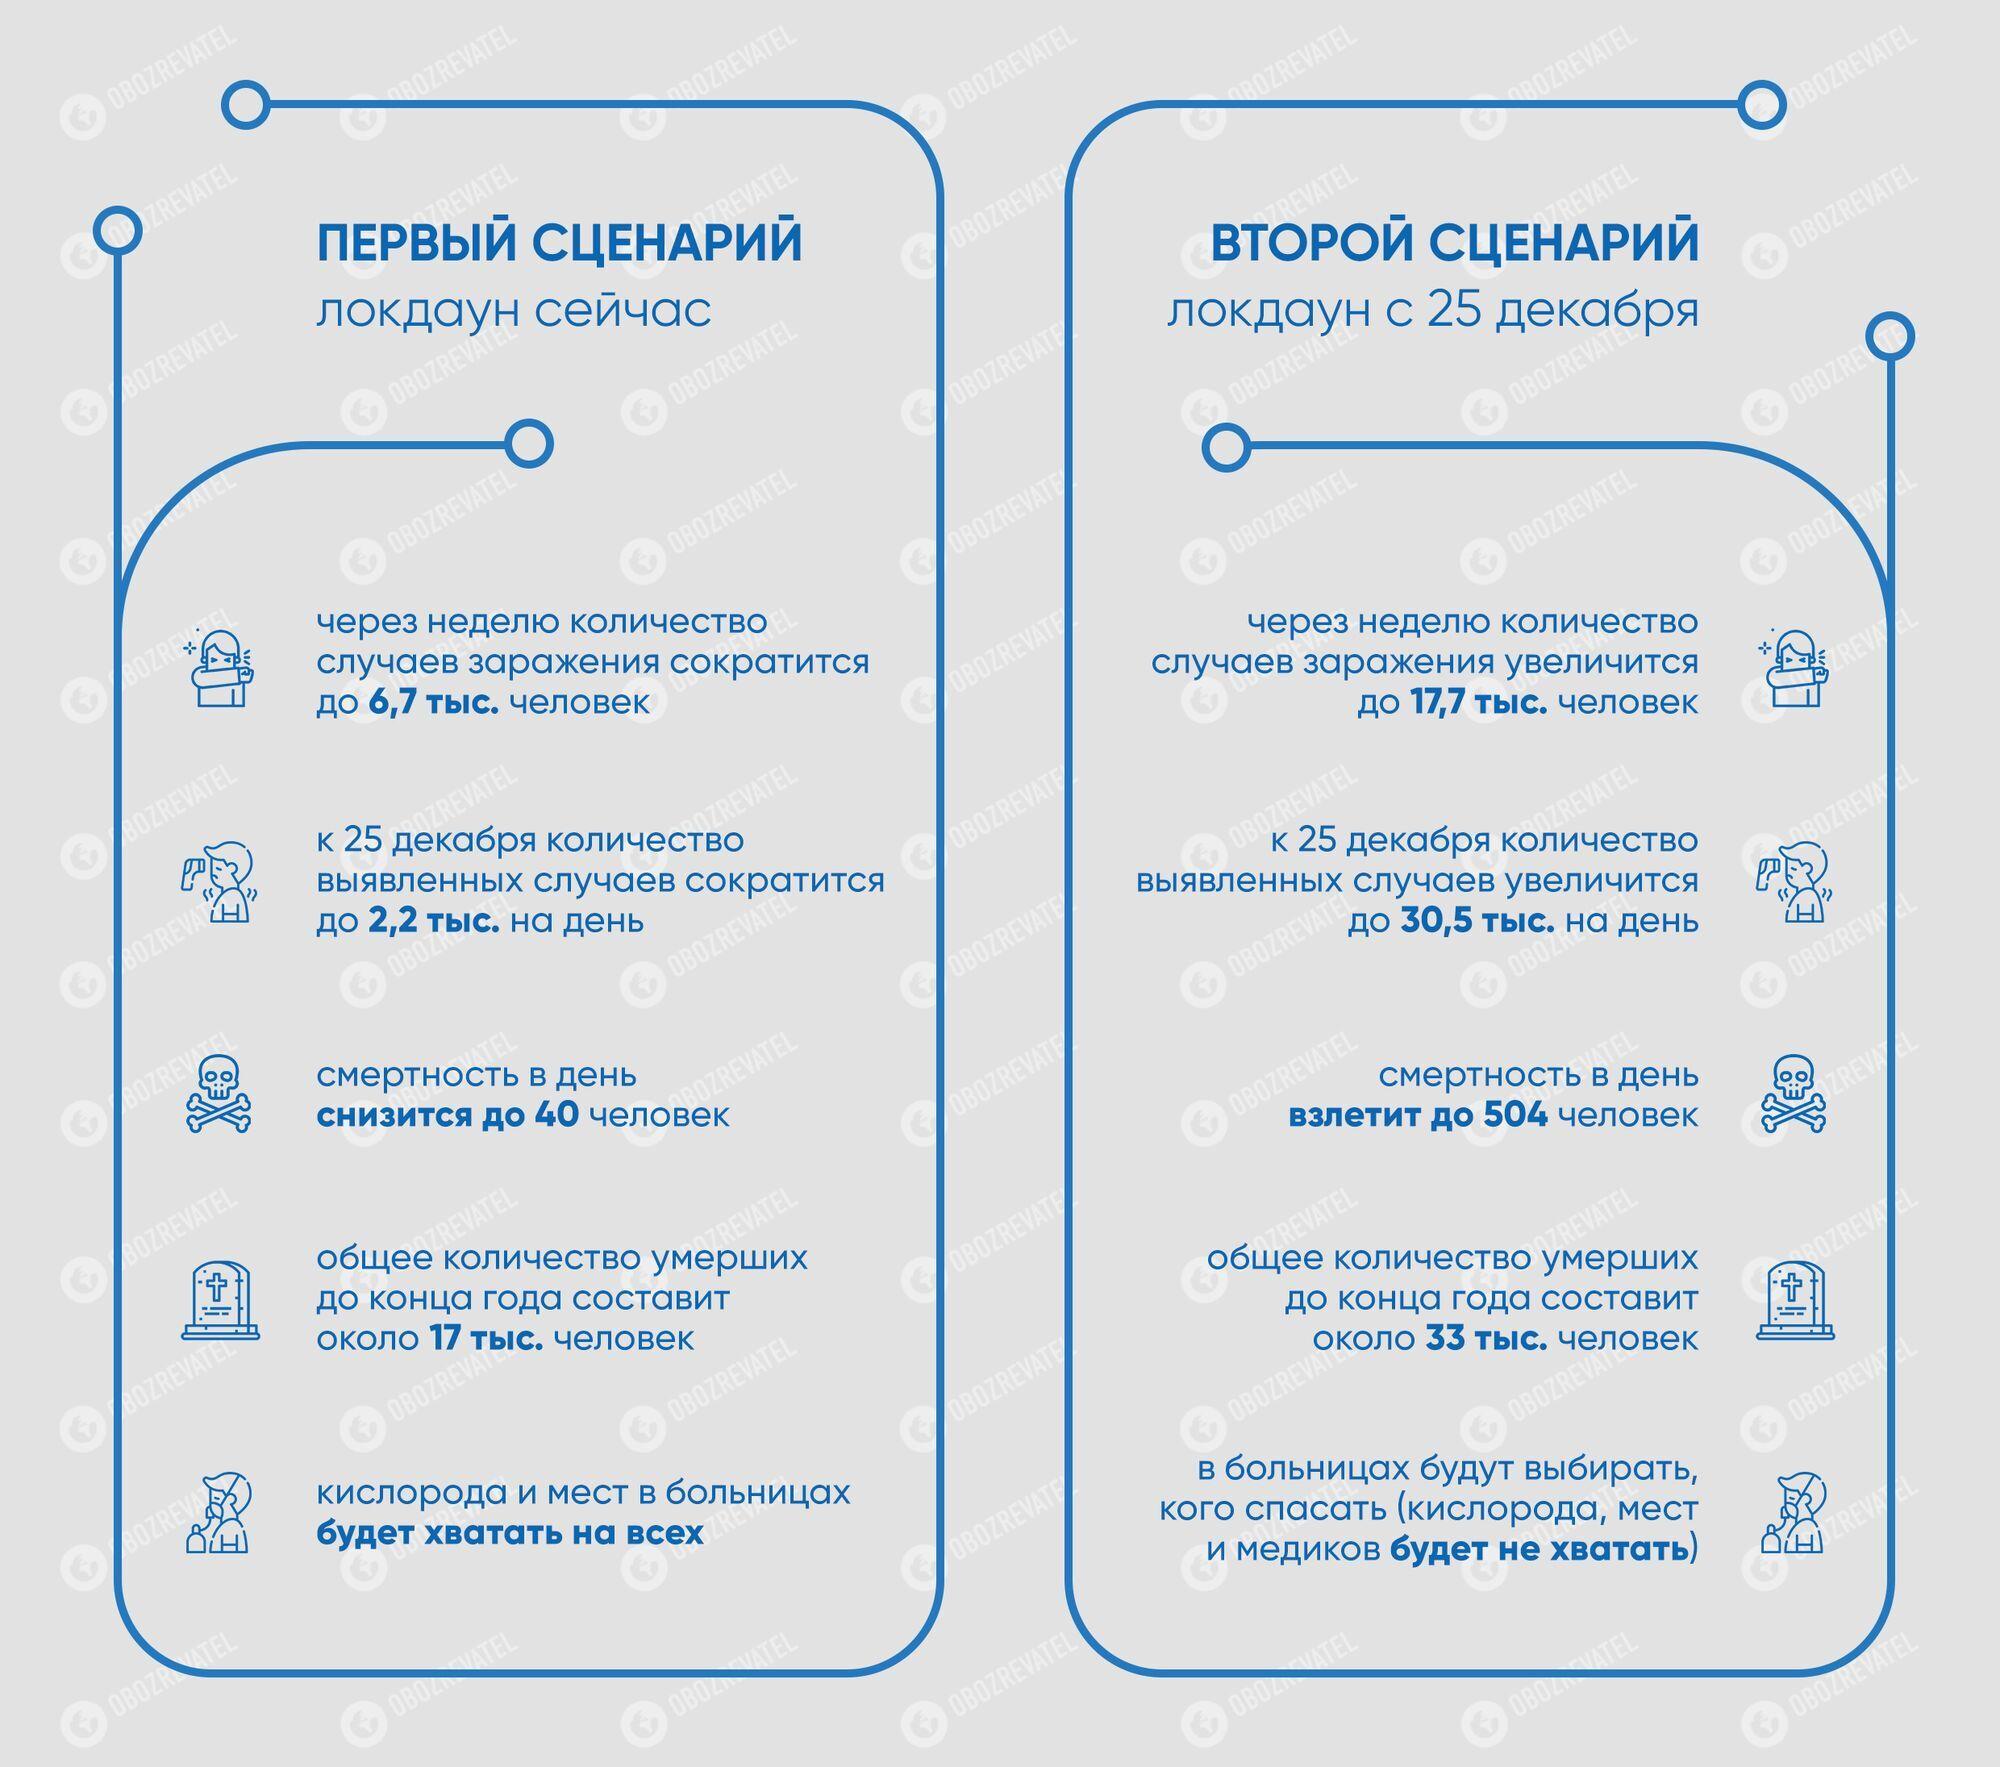 Два сценарії розвитку подій в Україні.